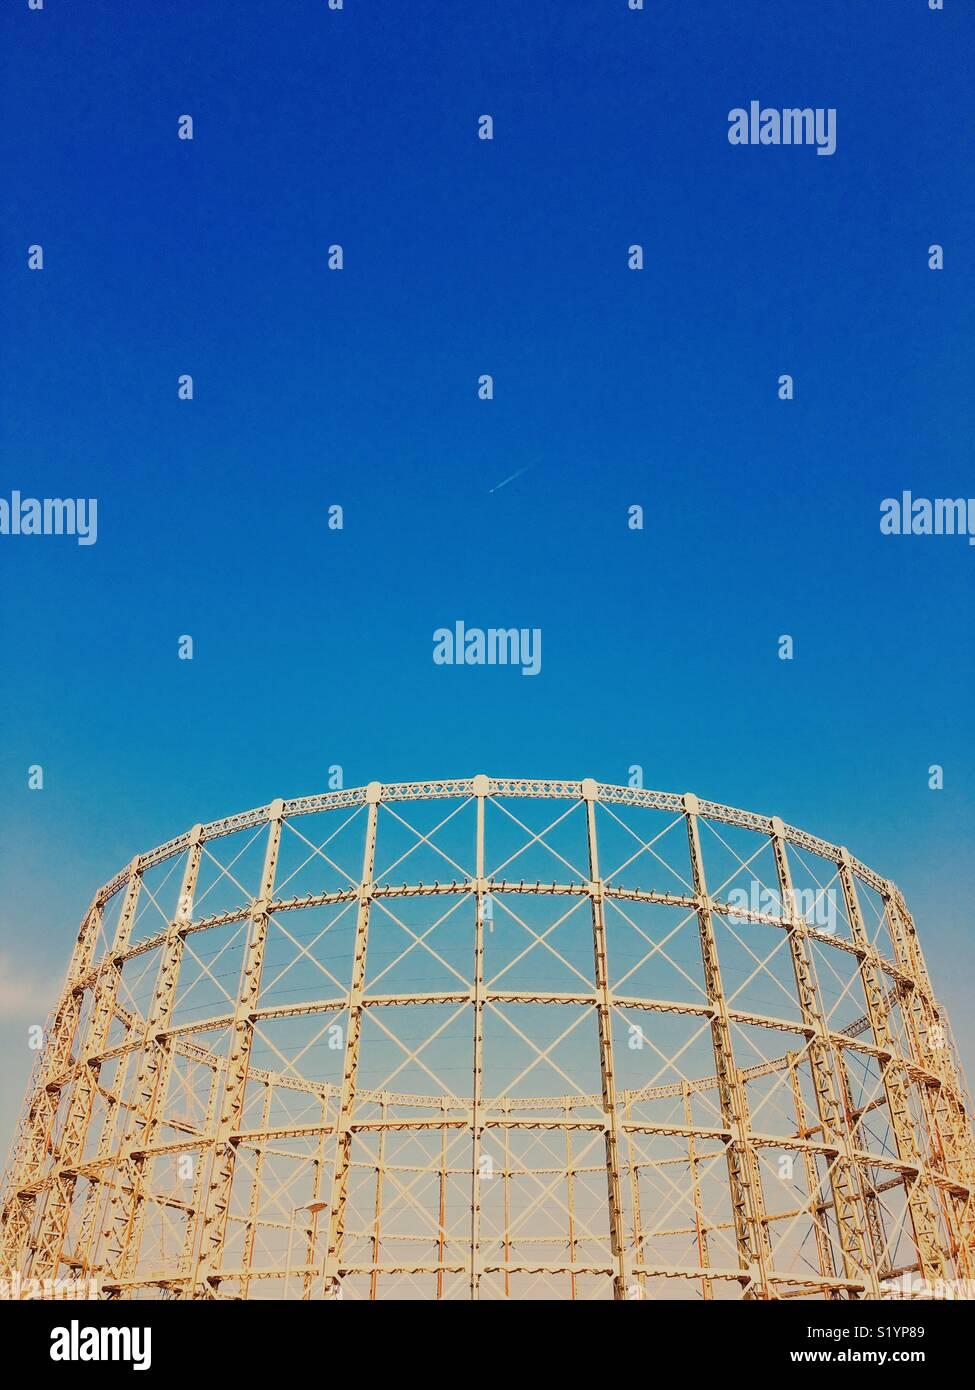 Estructura del esqueleto vacío gasómetro contra un cielo azul claro con jet y estelas de condensación Imagen De Stock